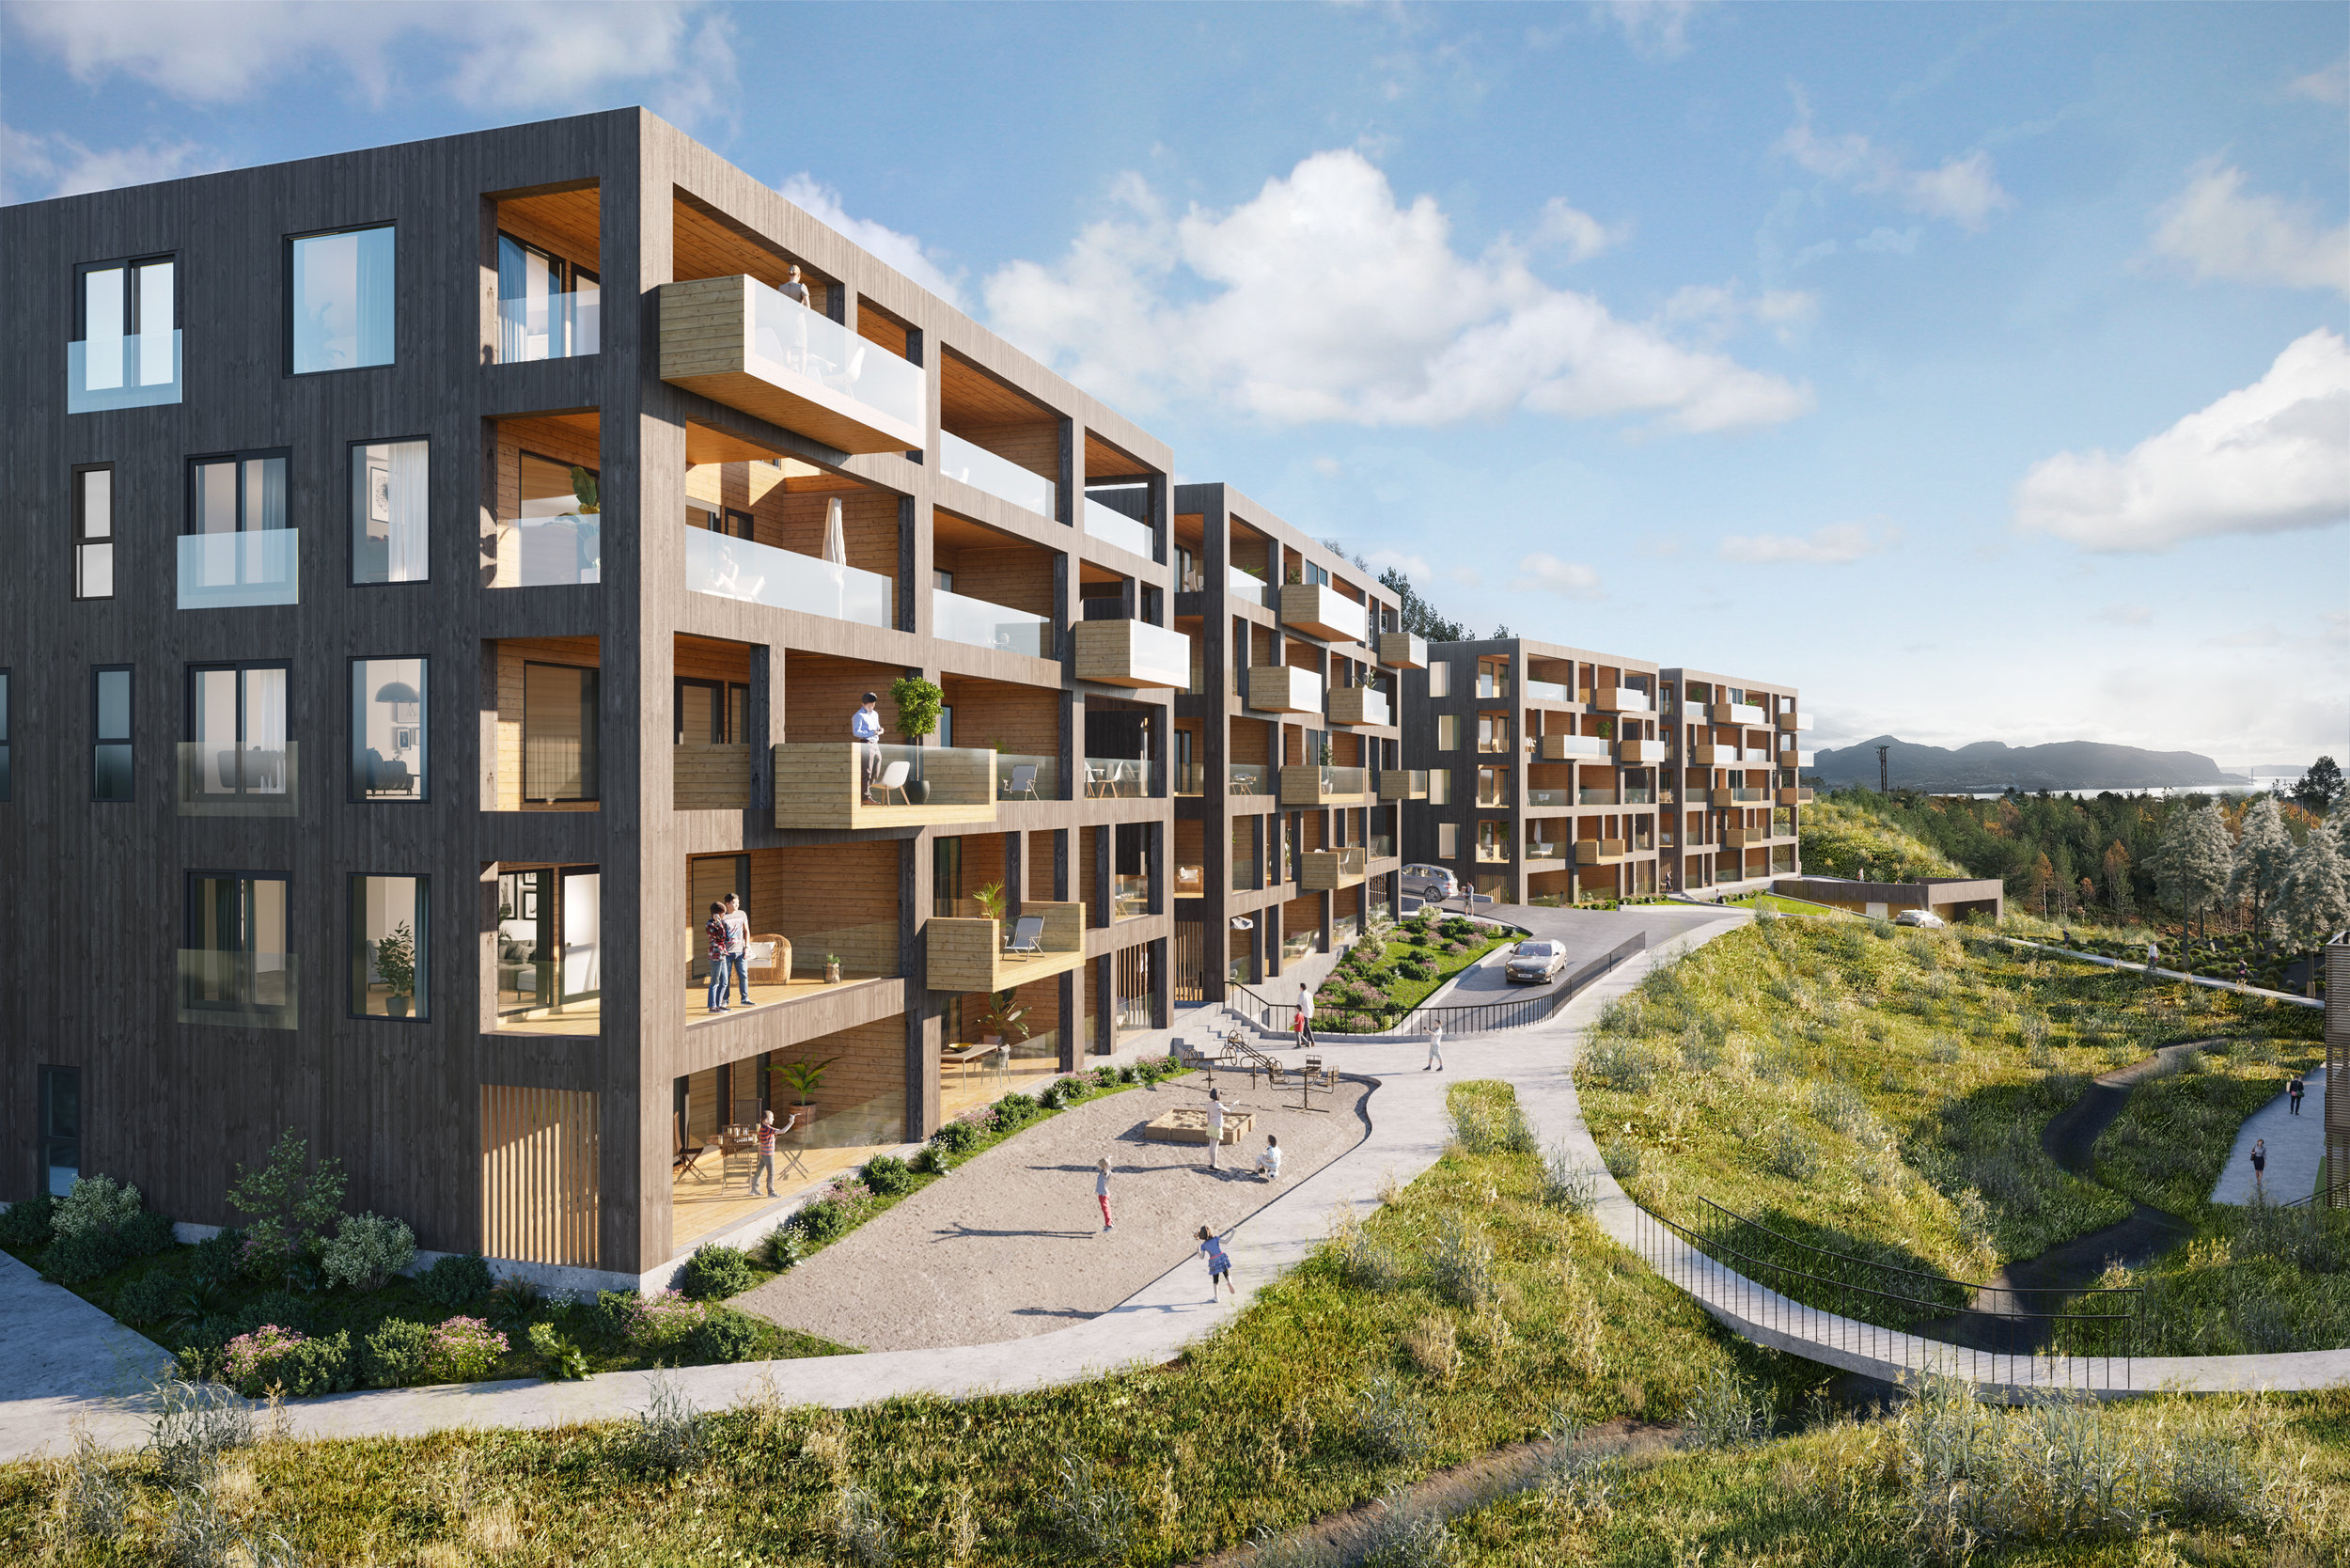 Gode nabolag skaper ikke seg selv. - Gode kvaliteter og gjennomtenkt utforming av boliger og områdene rundt skaper miljø mennesker trives i.